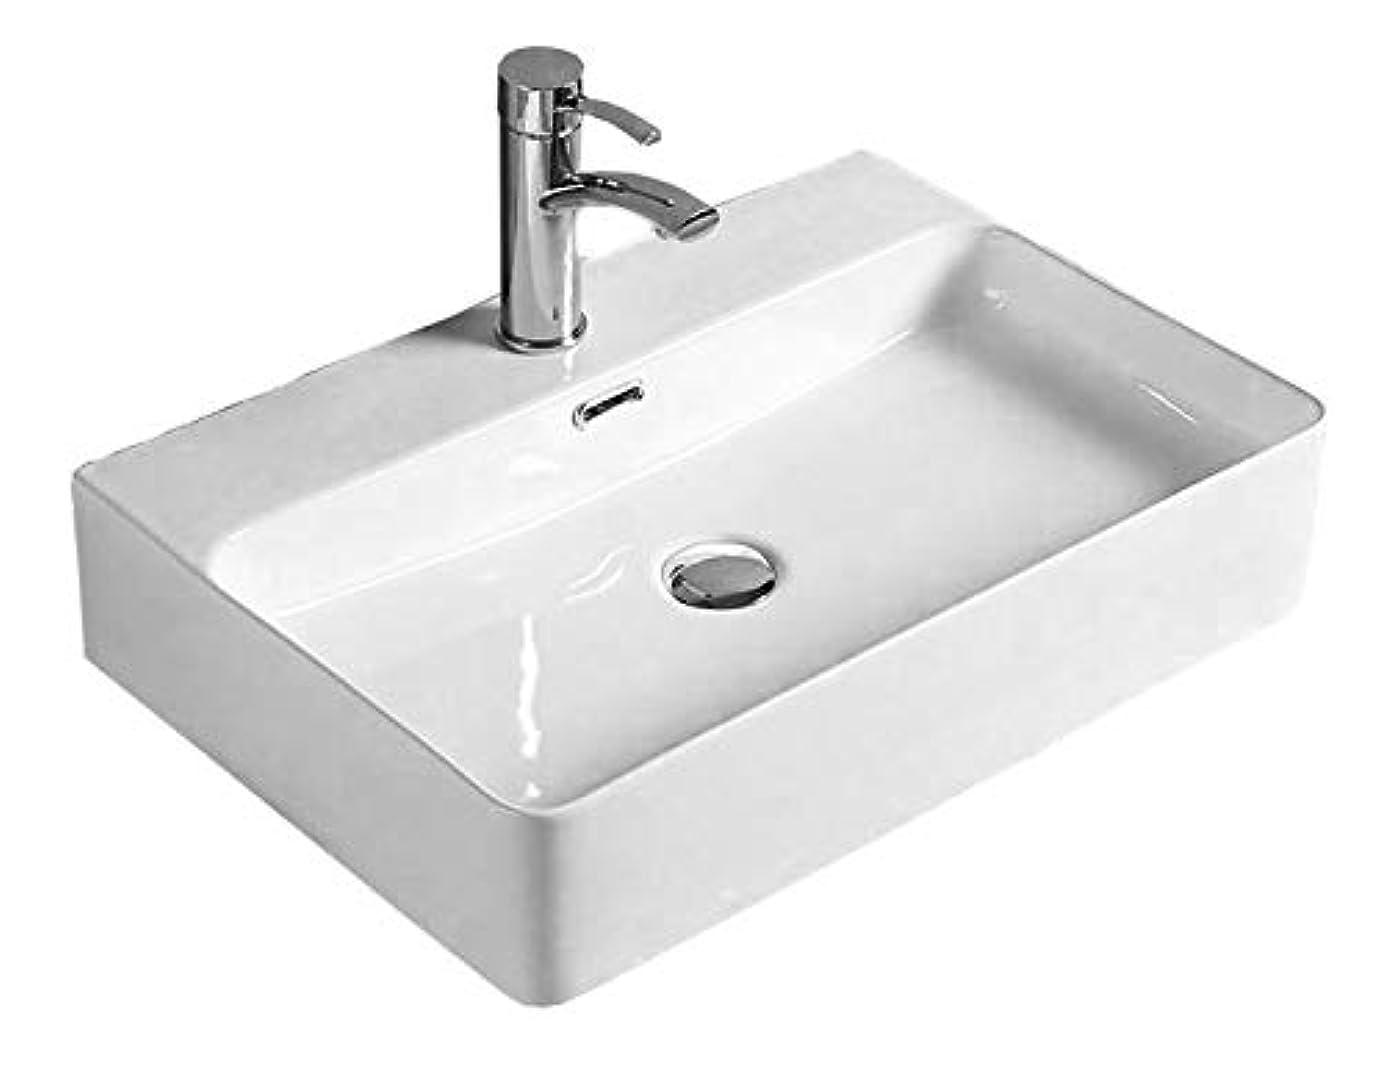 洗面ボウル Lifinsky 洗面台 白陶器製 手洗いボウル ベッセル式 手洗器 排水金具付き 3点セット 610*415*130mm